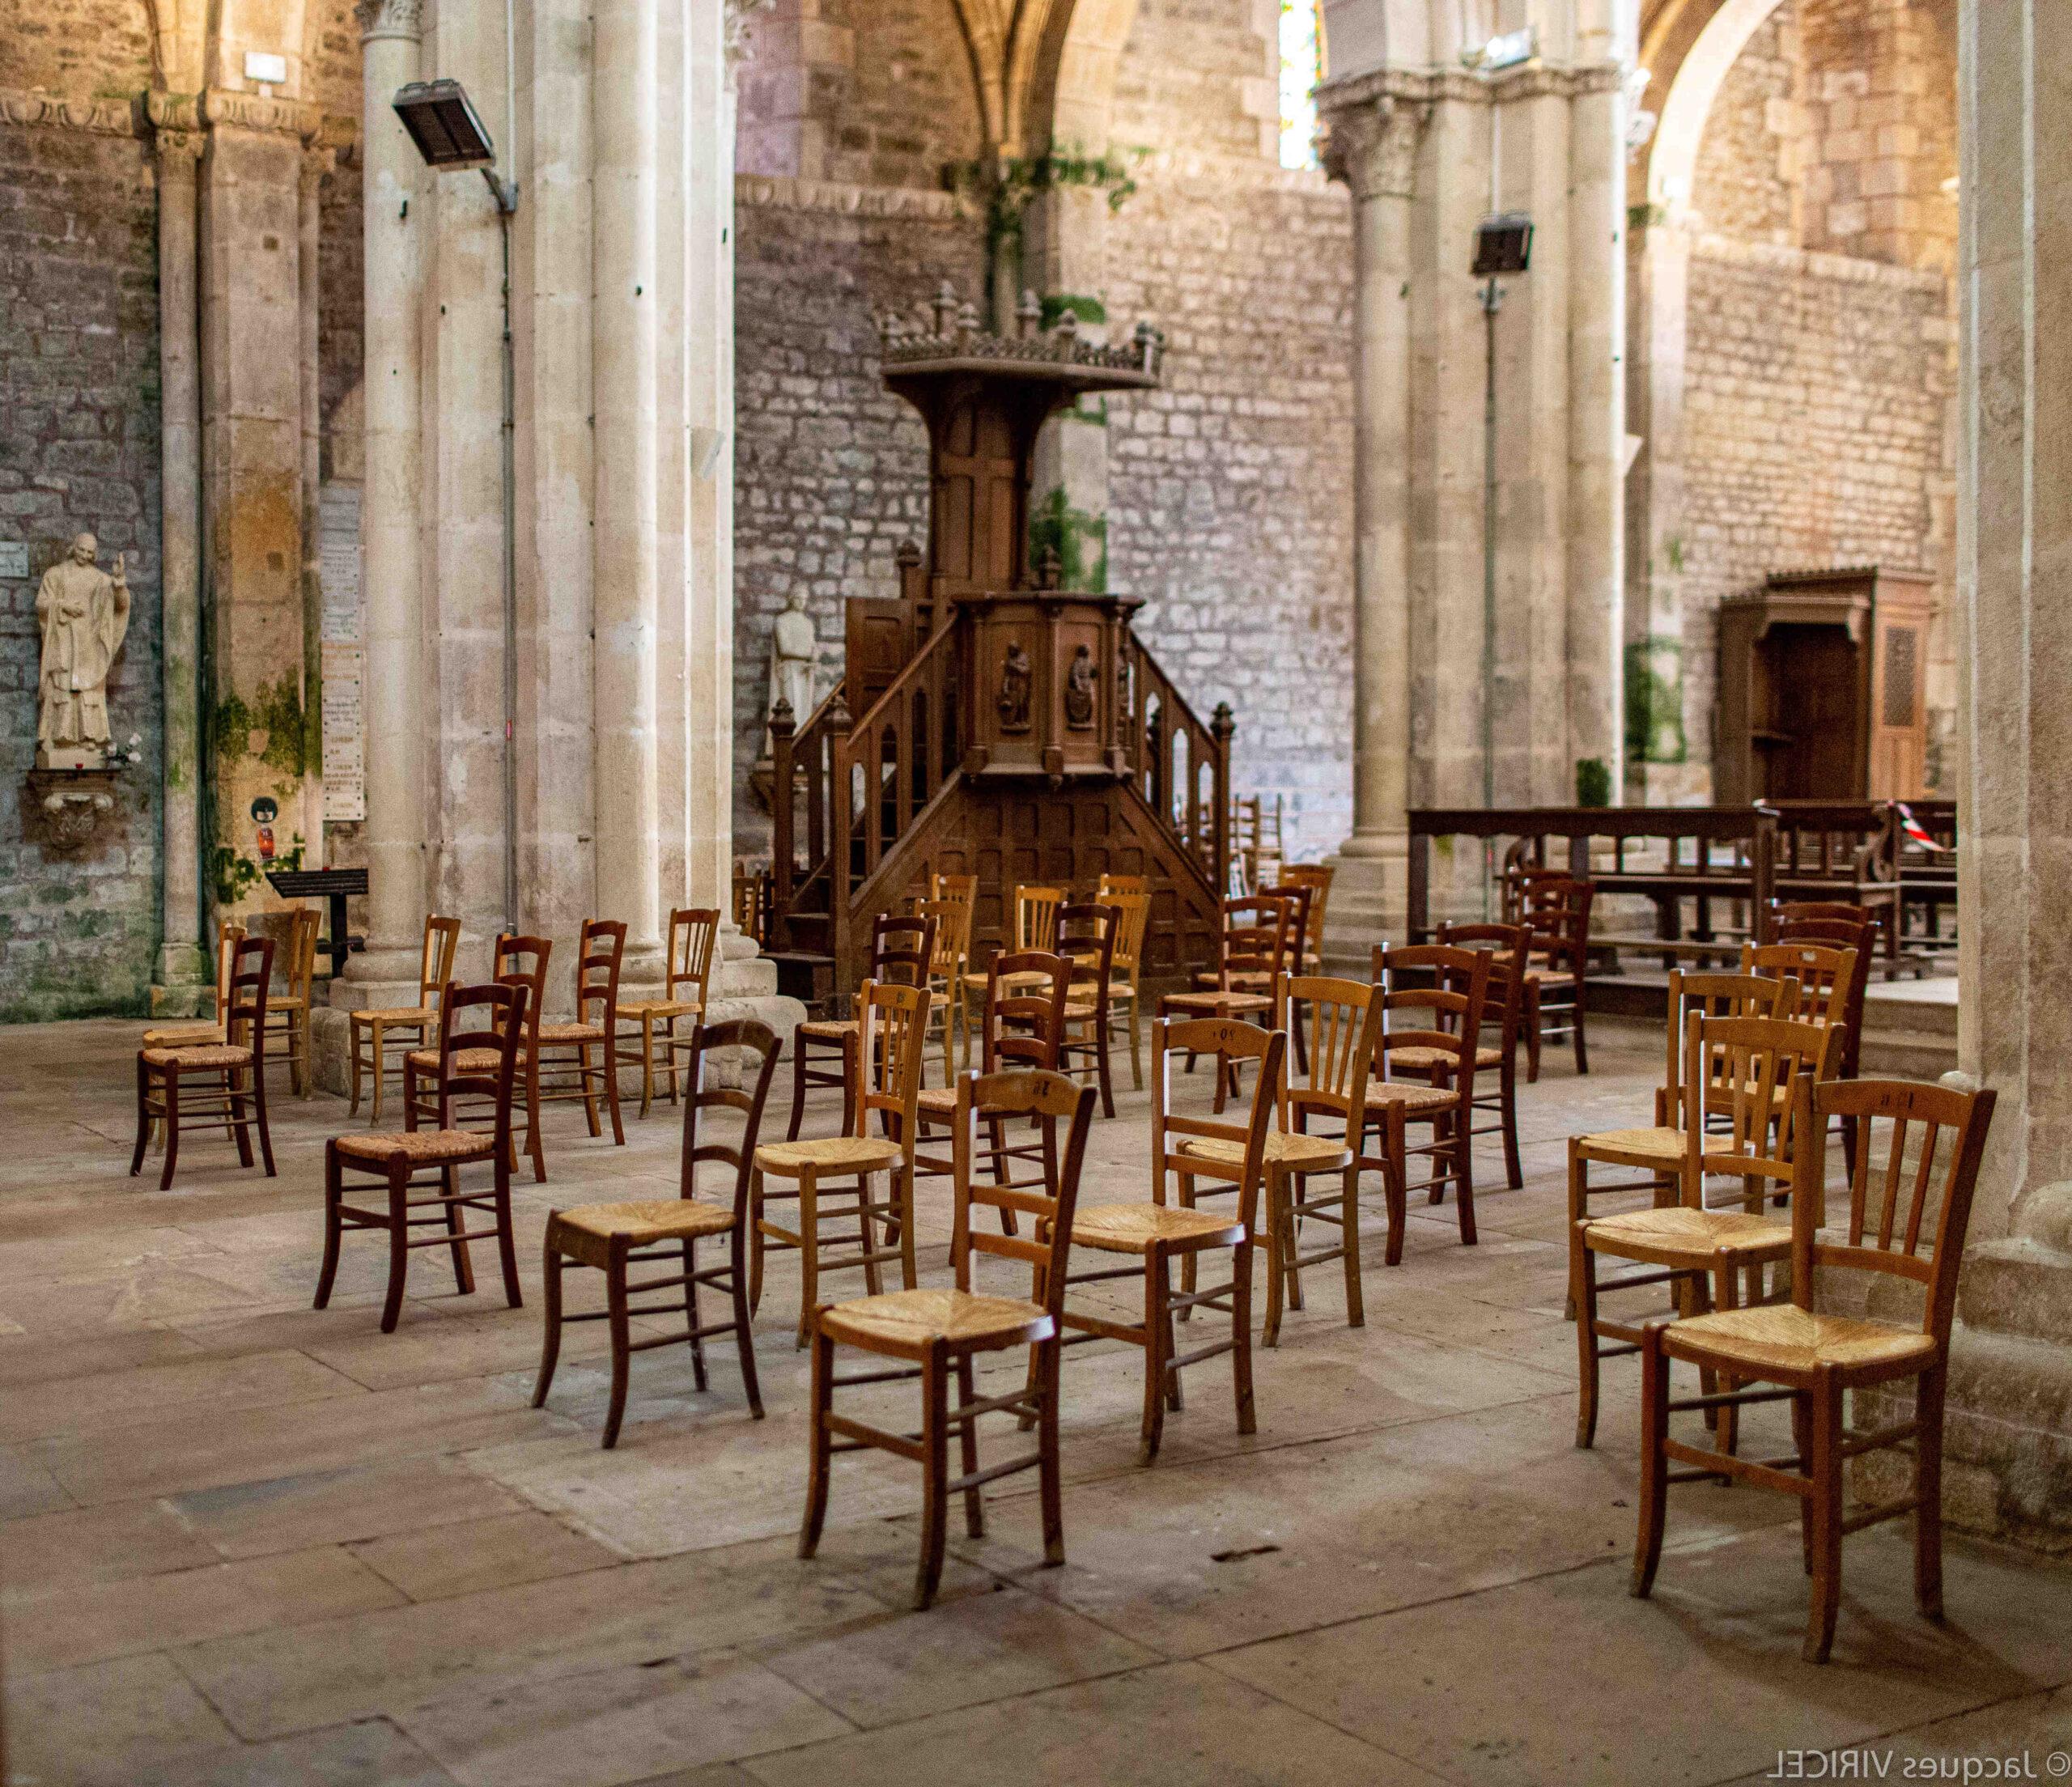 Quand réserver l'église pour mariage ?